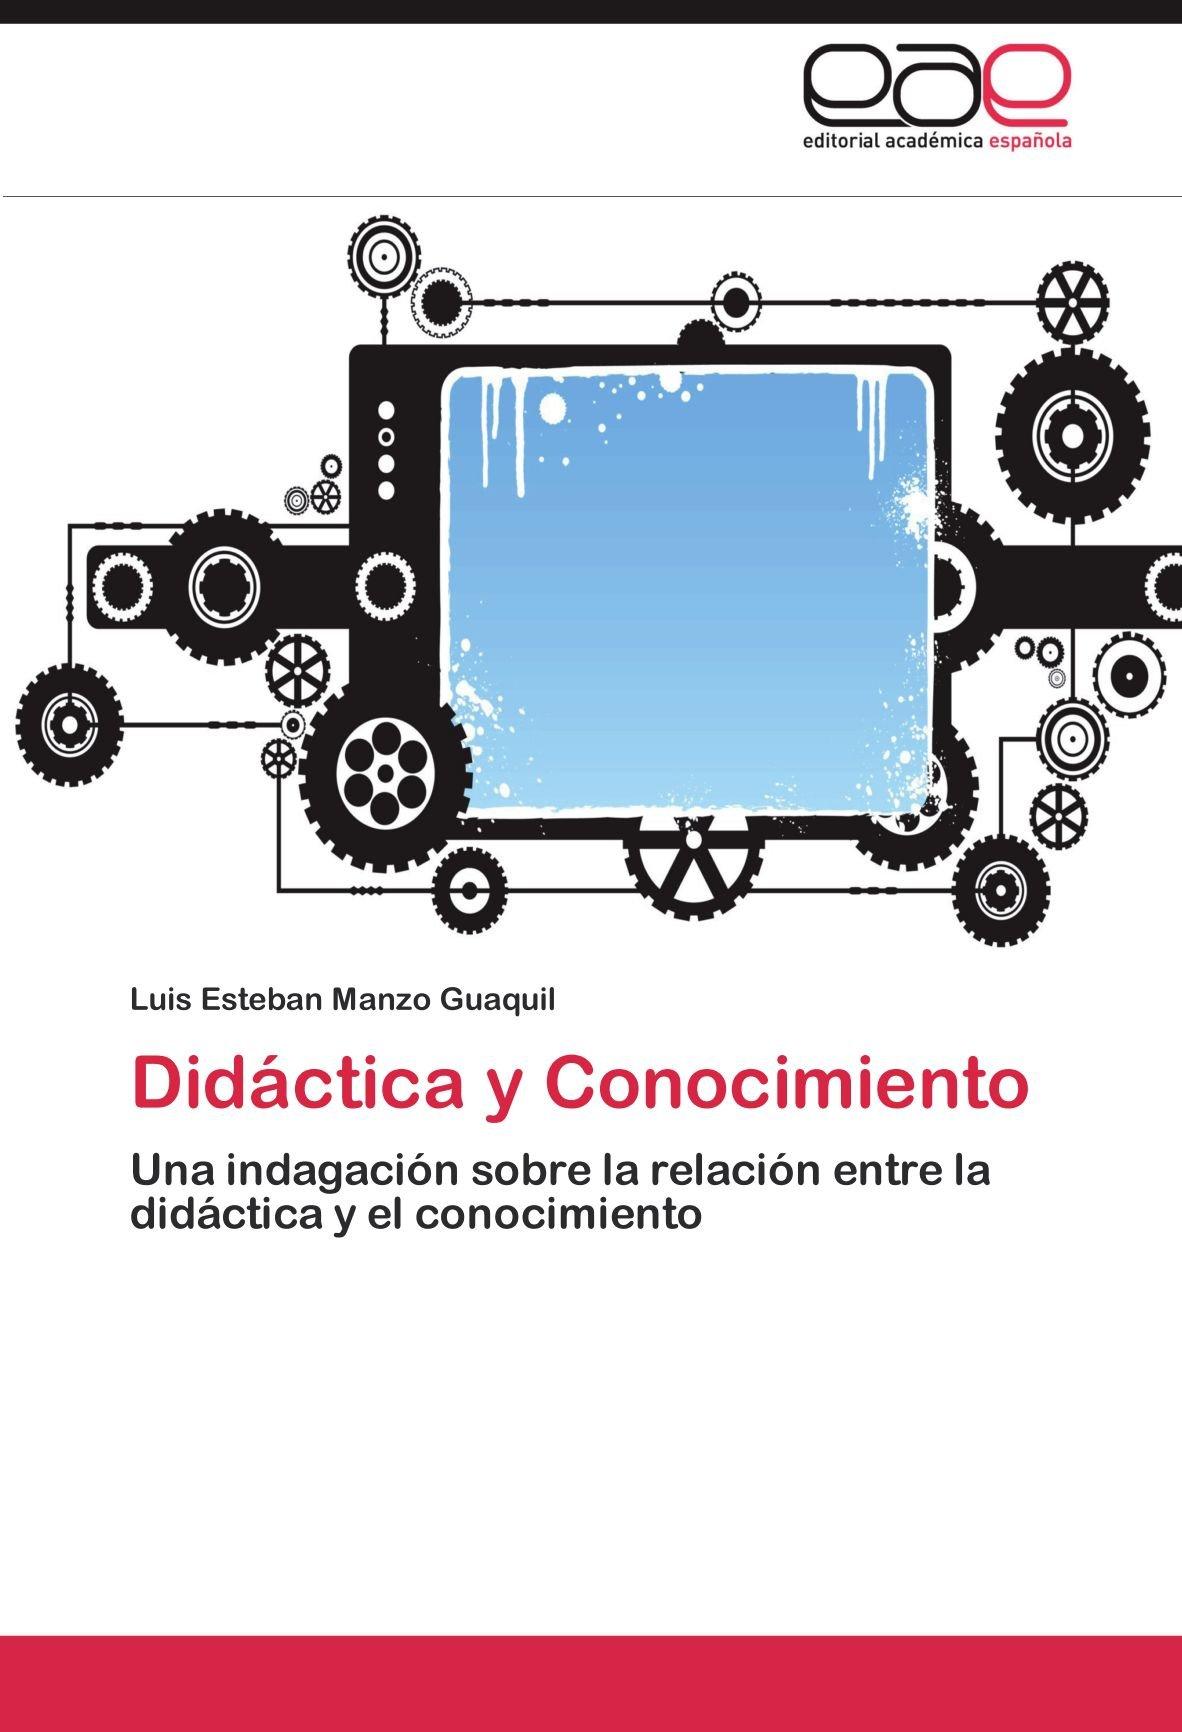 Didáctica y Conocimiento: Una indagación sobre la relación entre la didáctica y el conocimiento (Spanish Edition): Luis Esteban Manzo Guaquil: ...